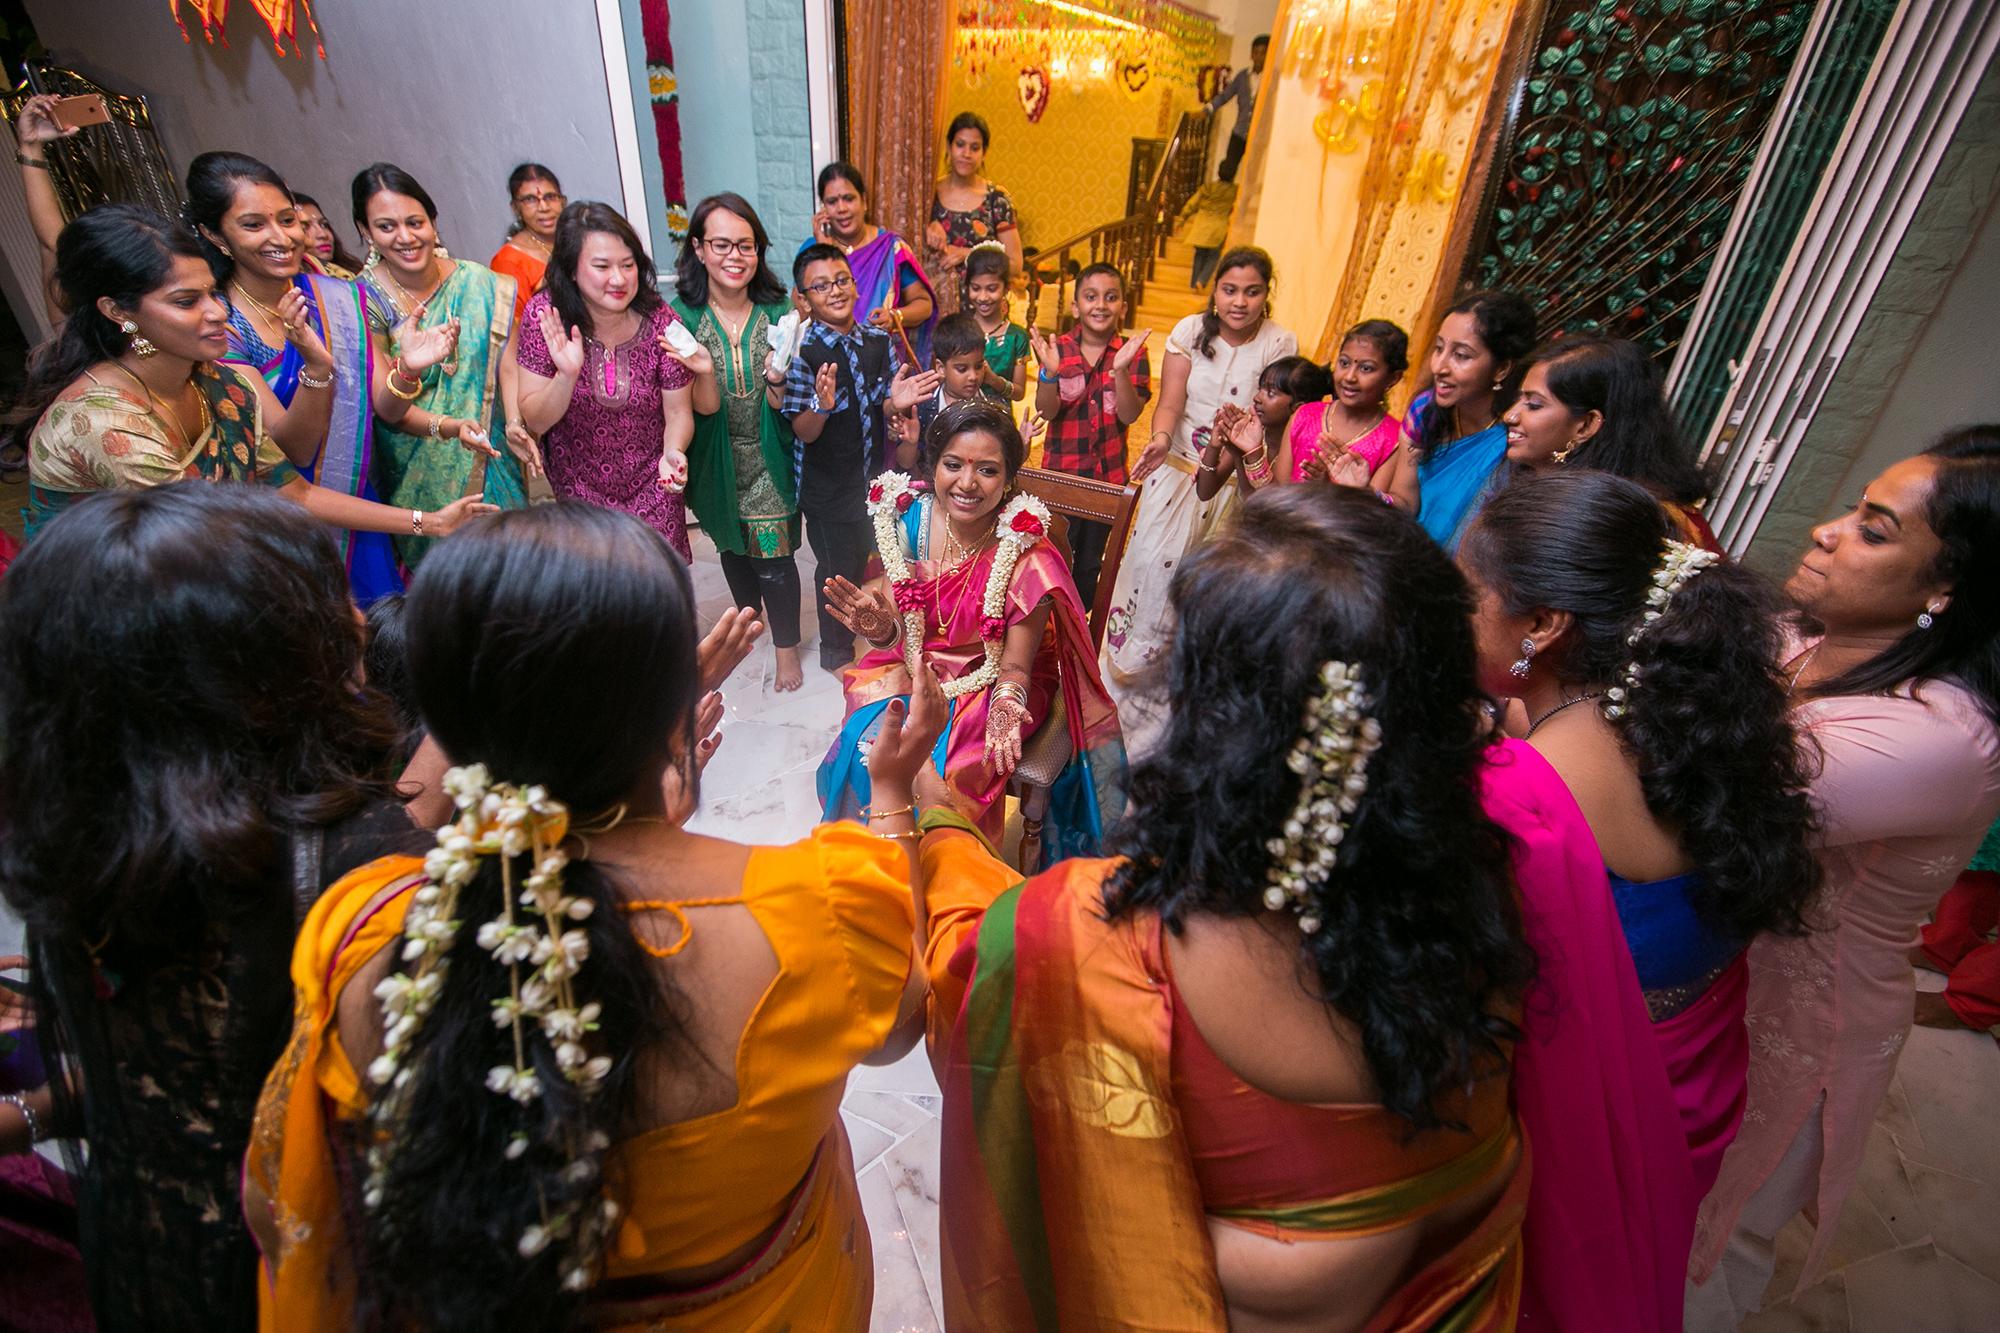 Indian bride dance